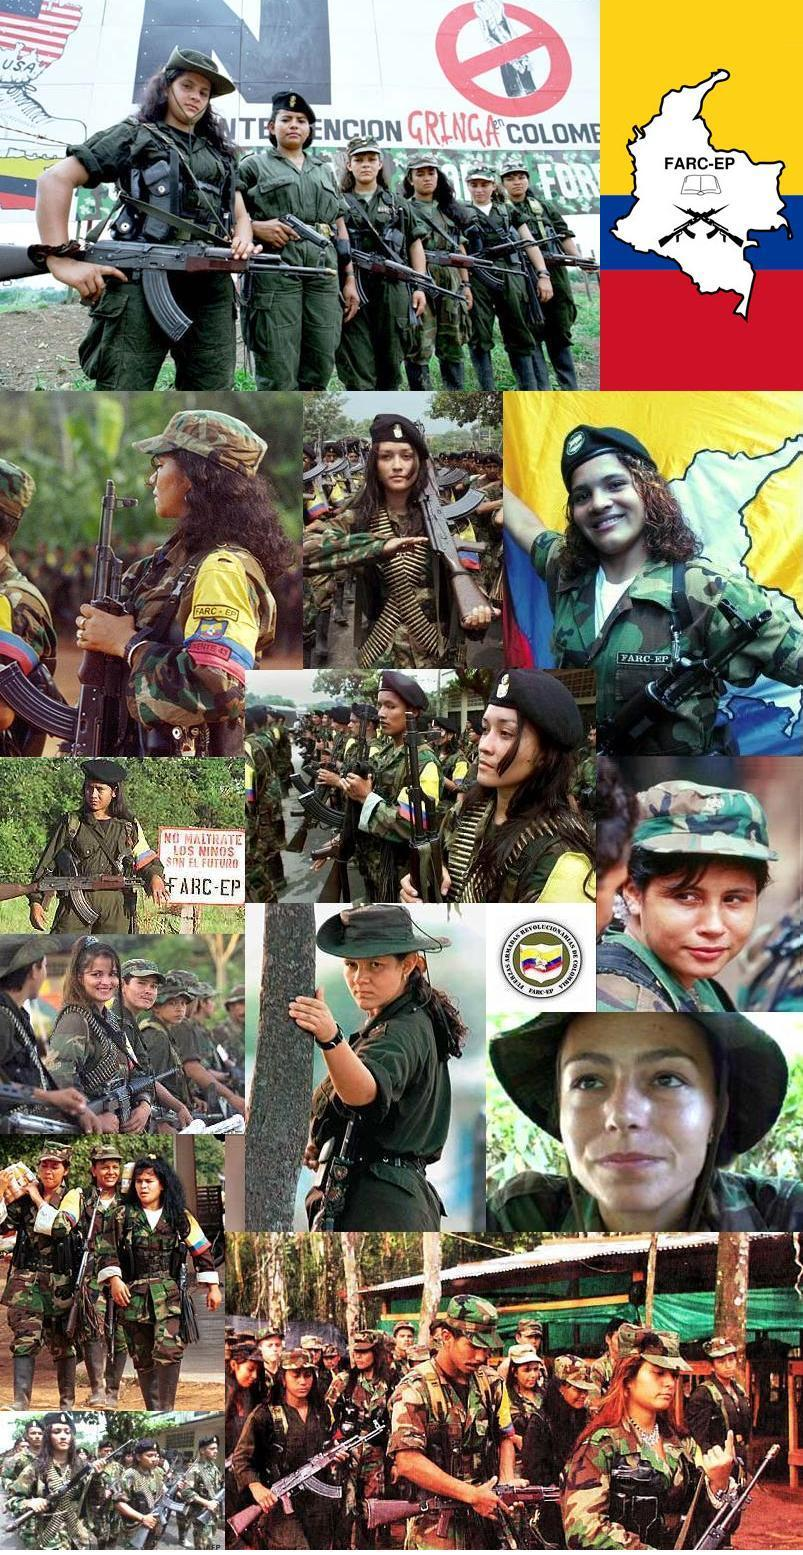 """Les guérillas colombiennes doivent """"reconsidérer"""" la lutte armée"""